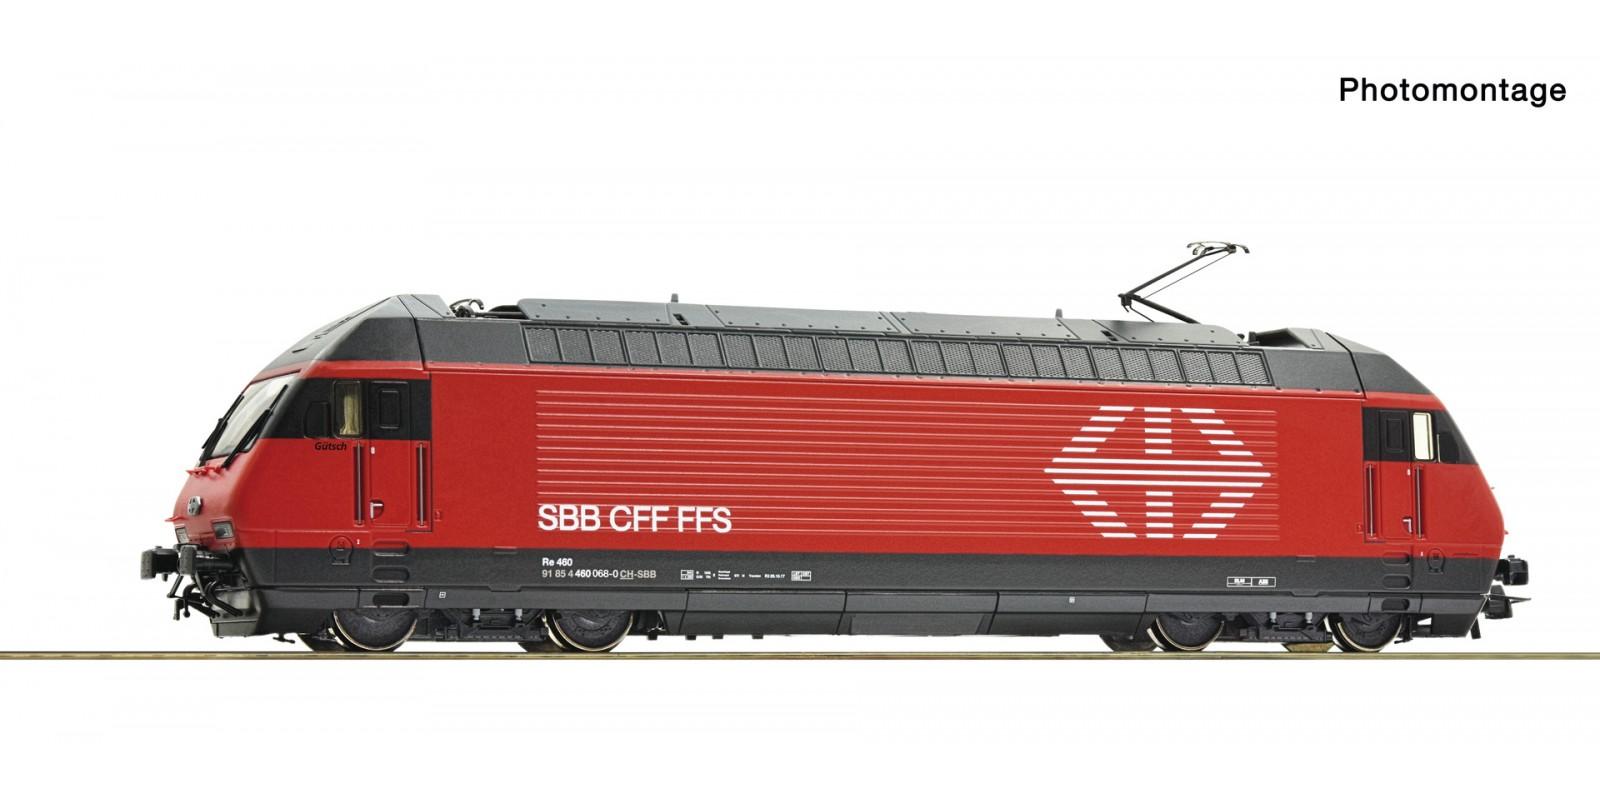 RO70661 Electric locomotive 460 068-0